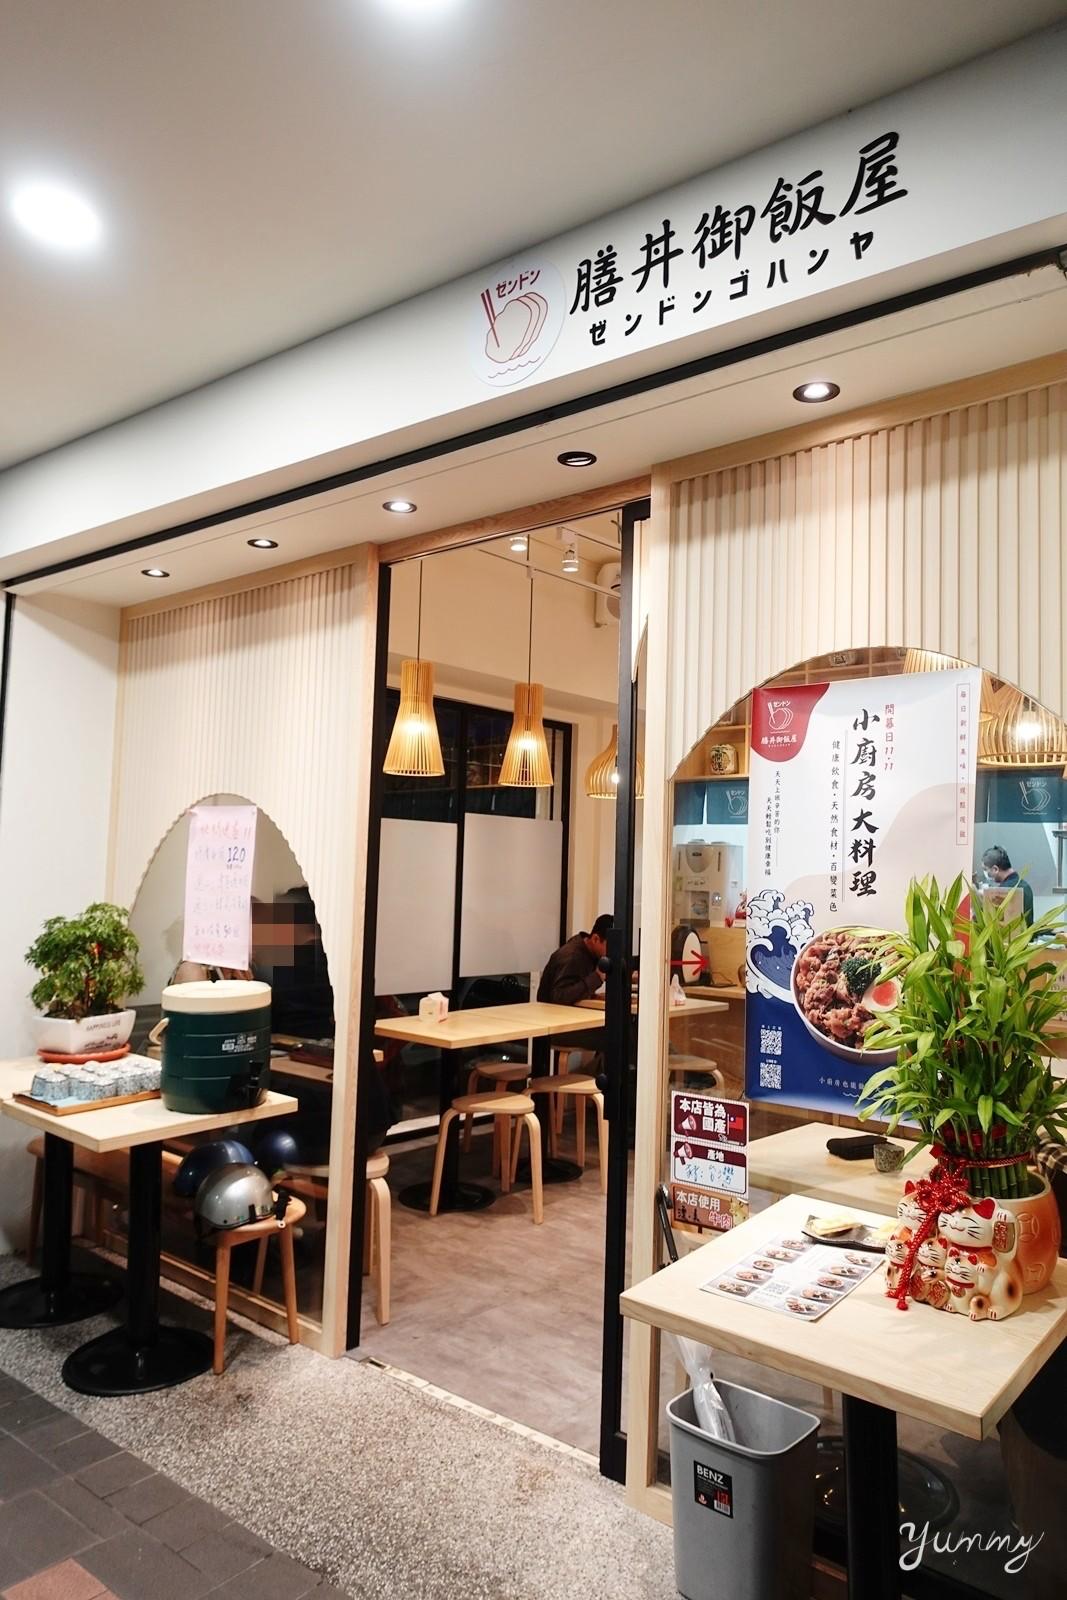 東區日式便當店推薦「膳丼御飯屋」使用天然食材,給你在地好滋味!